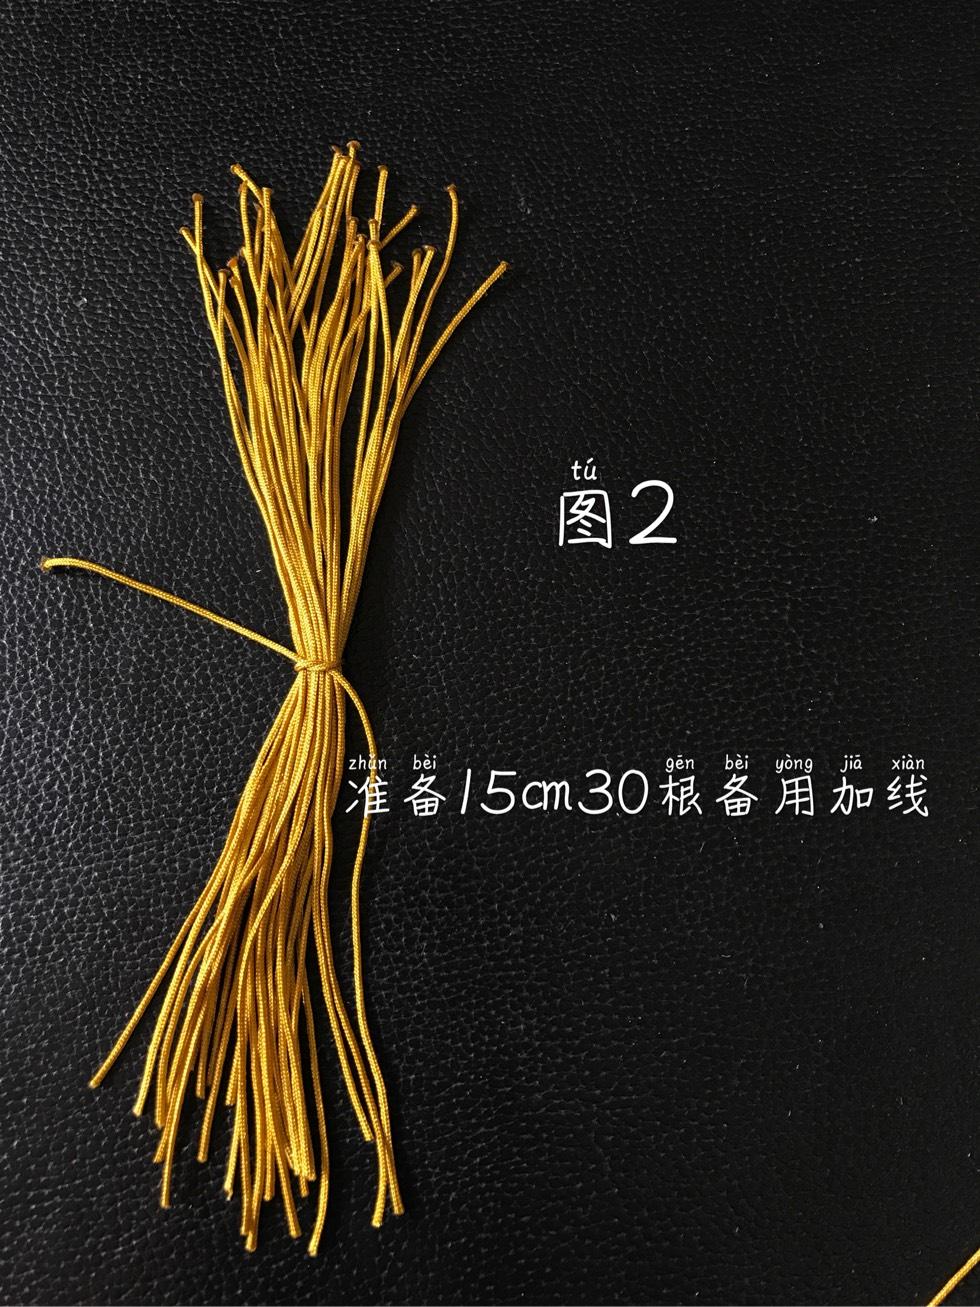 中国结论坛 嗷呜嗷呜的大狮子  图文教程区 193610ibfzvxa3a3fb53qs